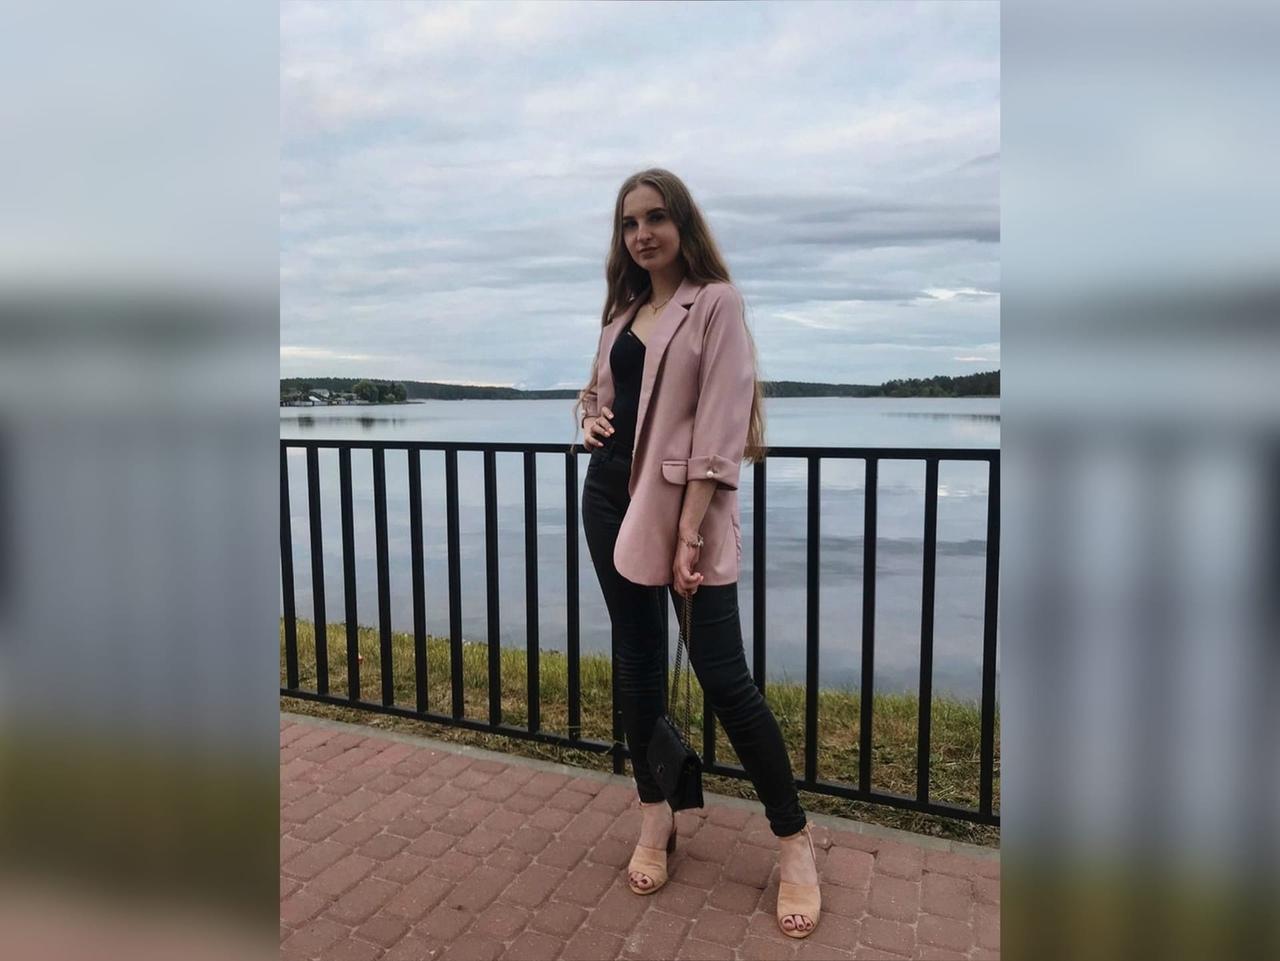 Девушка дня: будущий врач — Валерия Ганина!